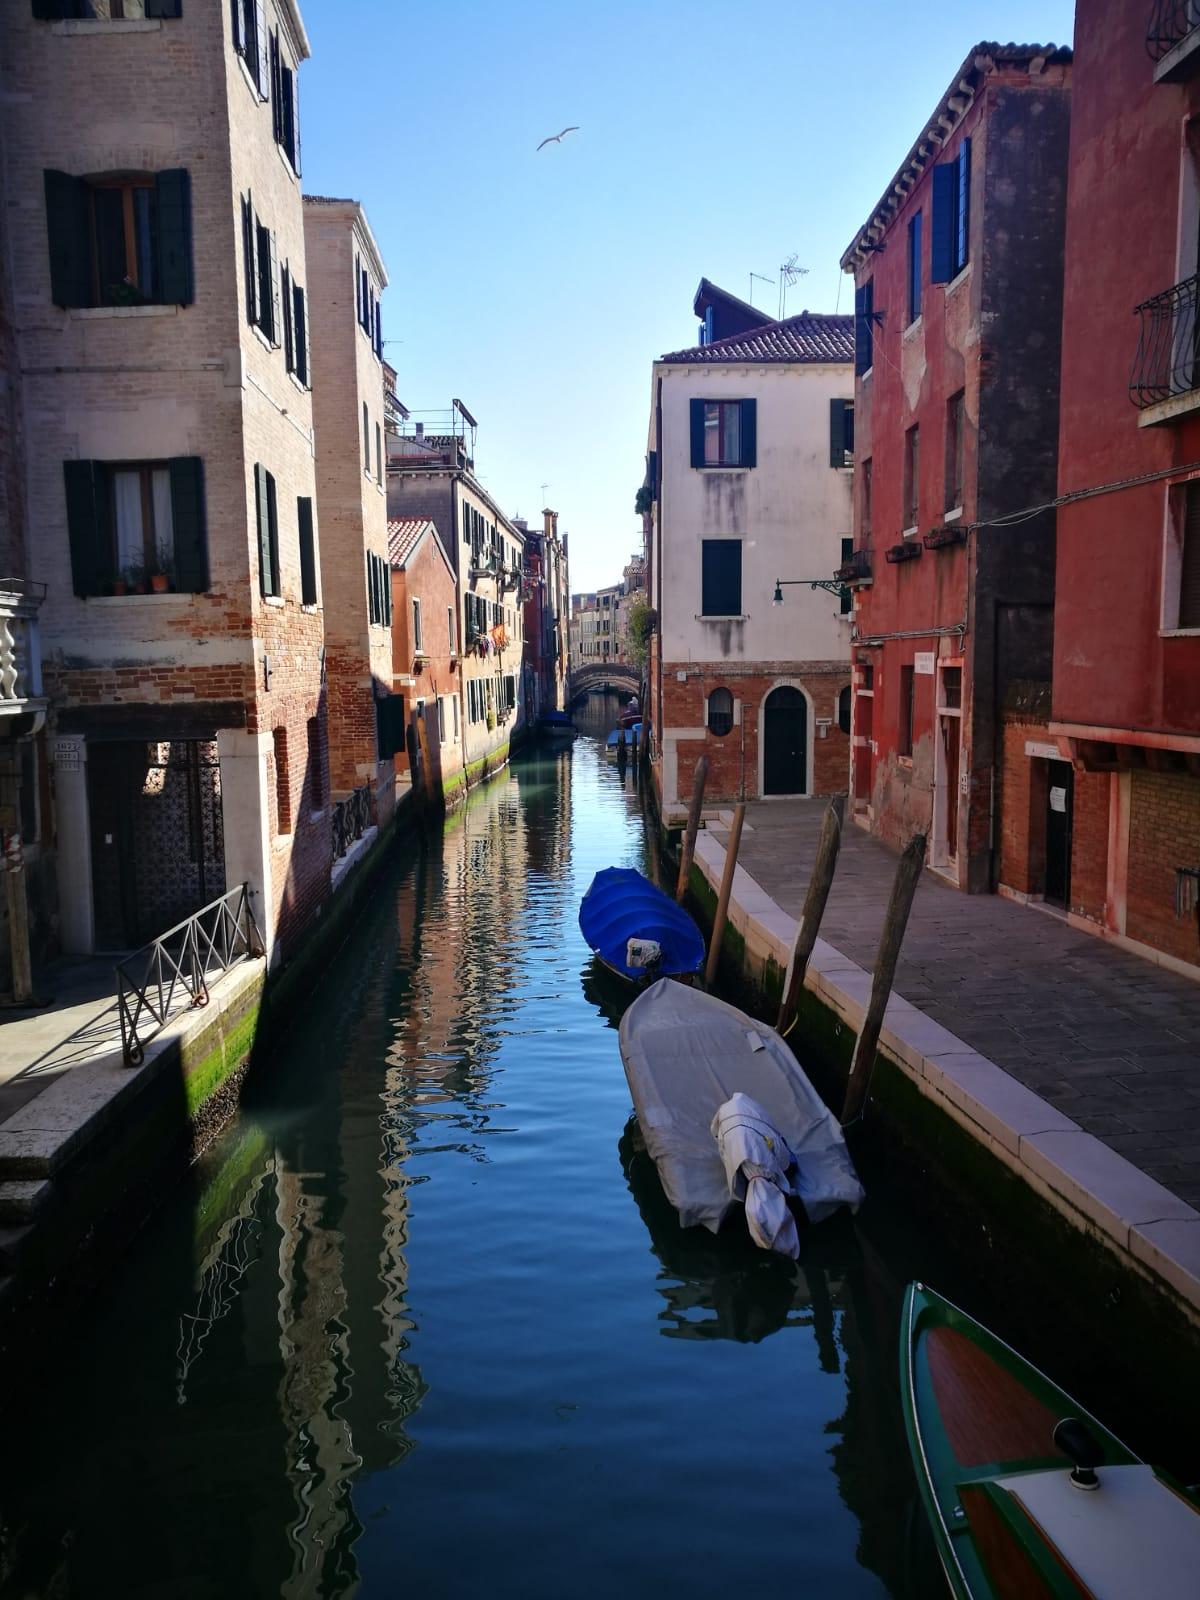 Un Canale Veneziano Deserto